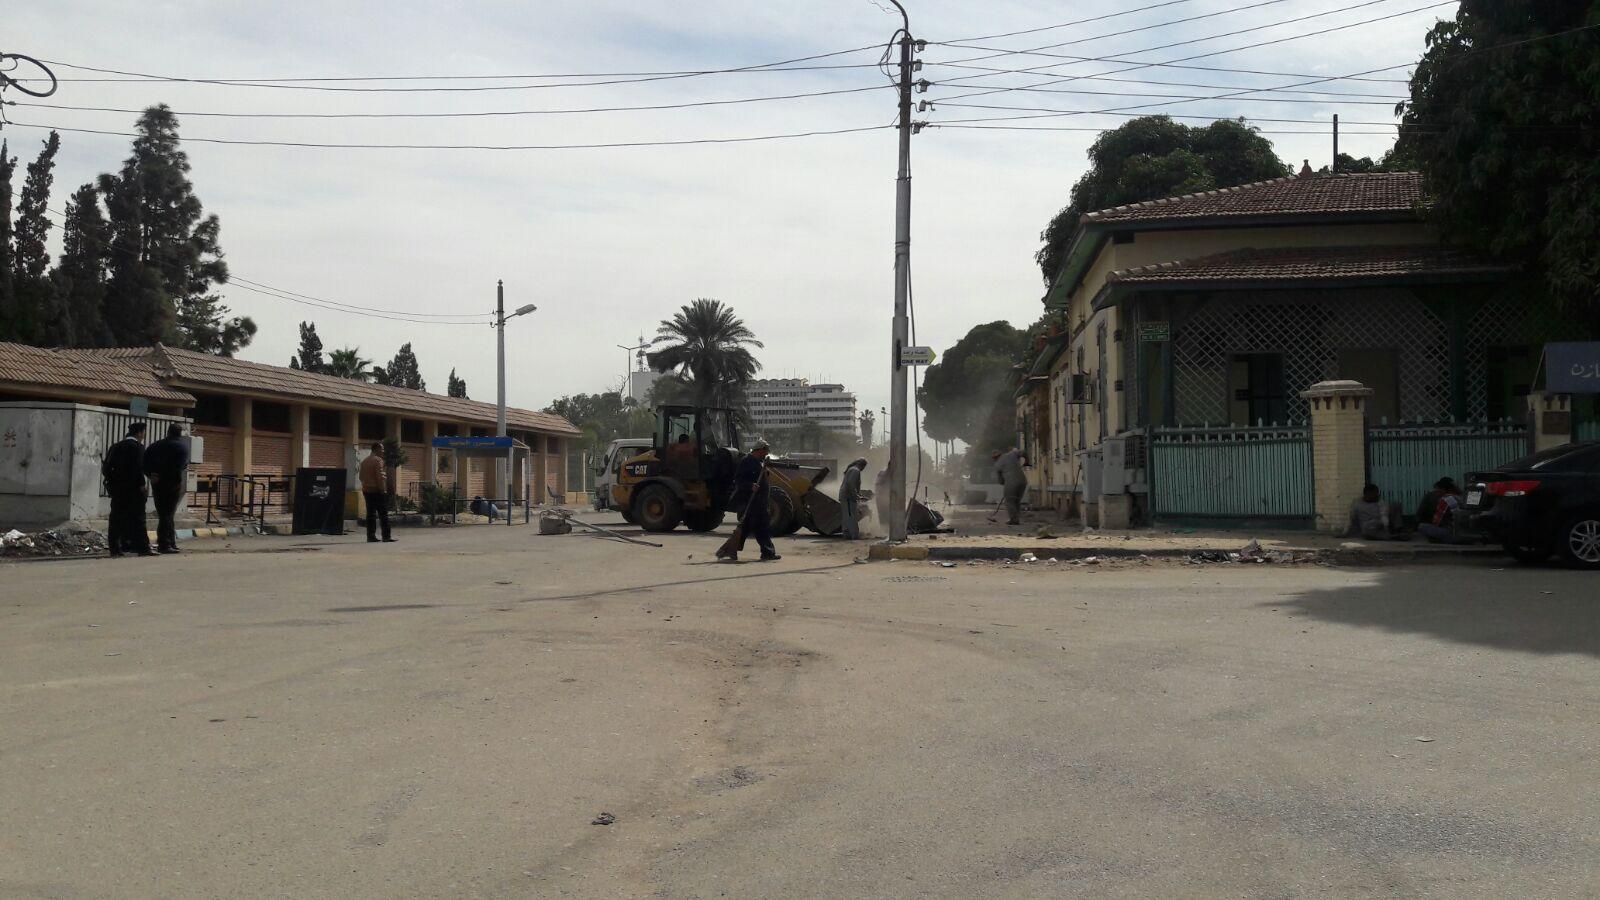 مواطنو الإسماعيلية يطالبون بإعادة فتح الشوارع المُغلقة منذ 30 يونيو: «لم يعد هناك مبرر»